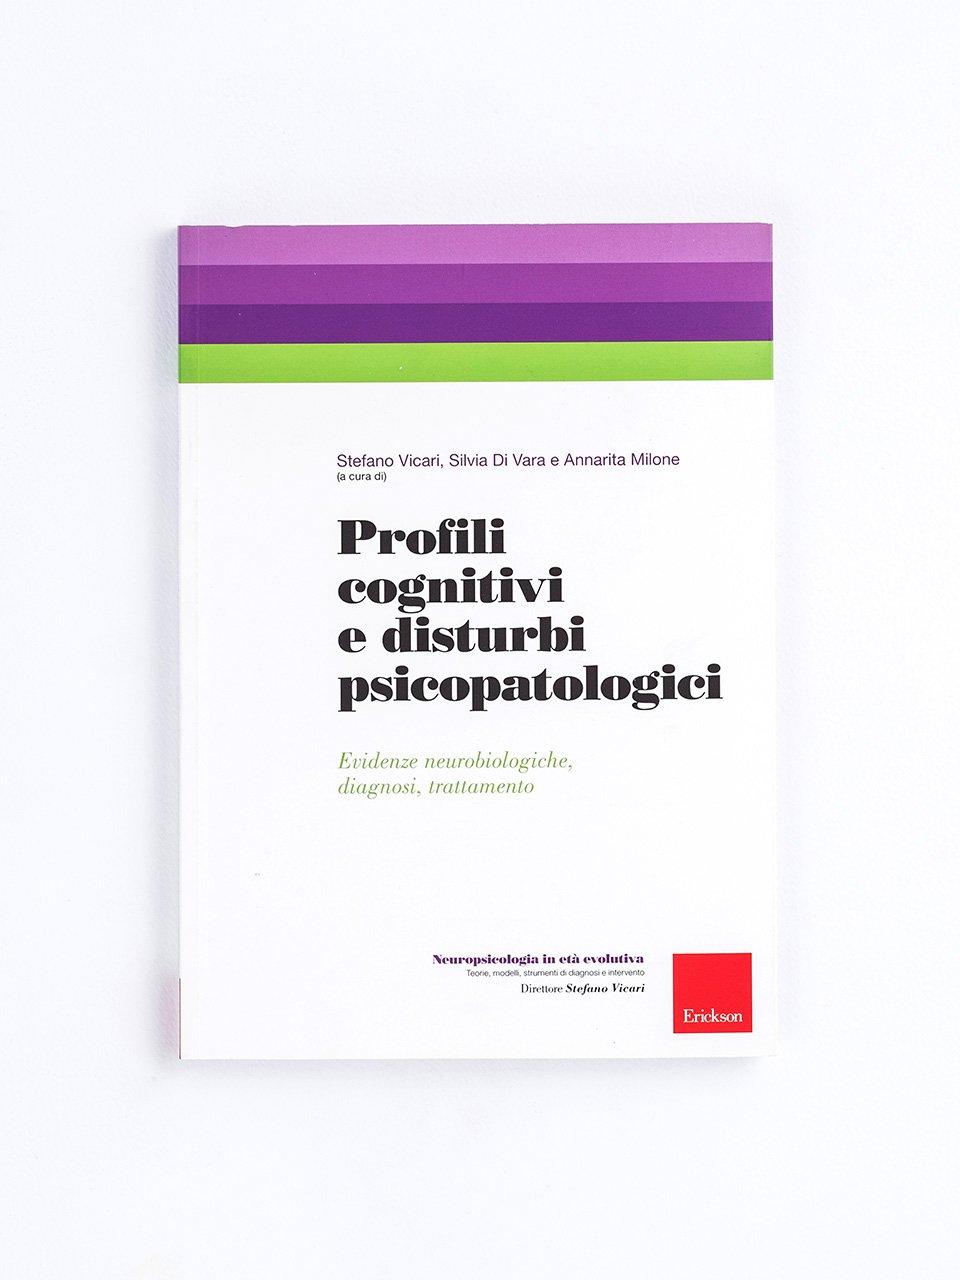 Profili cognitivi e disturbi psicopatologici - Intervento psicoeducativo integrato in psichiatria - Libri - Erickson